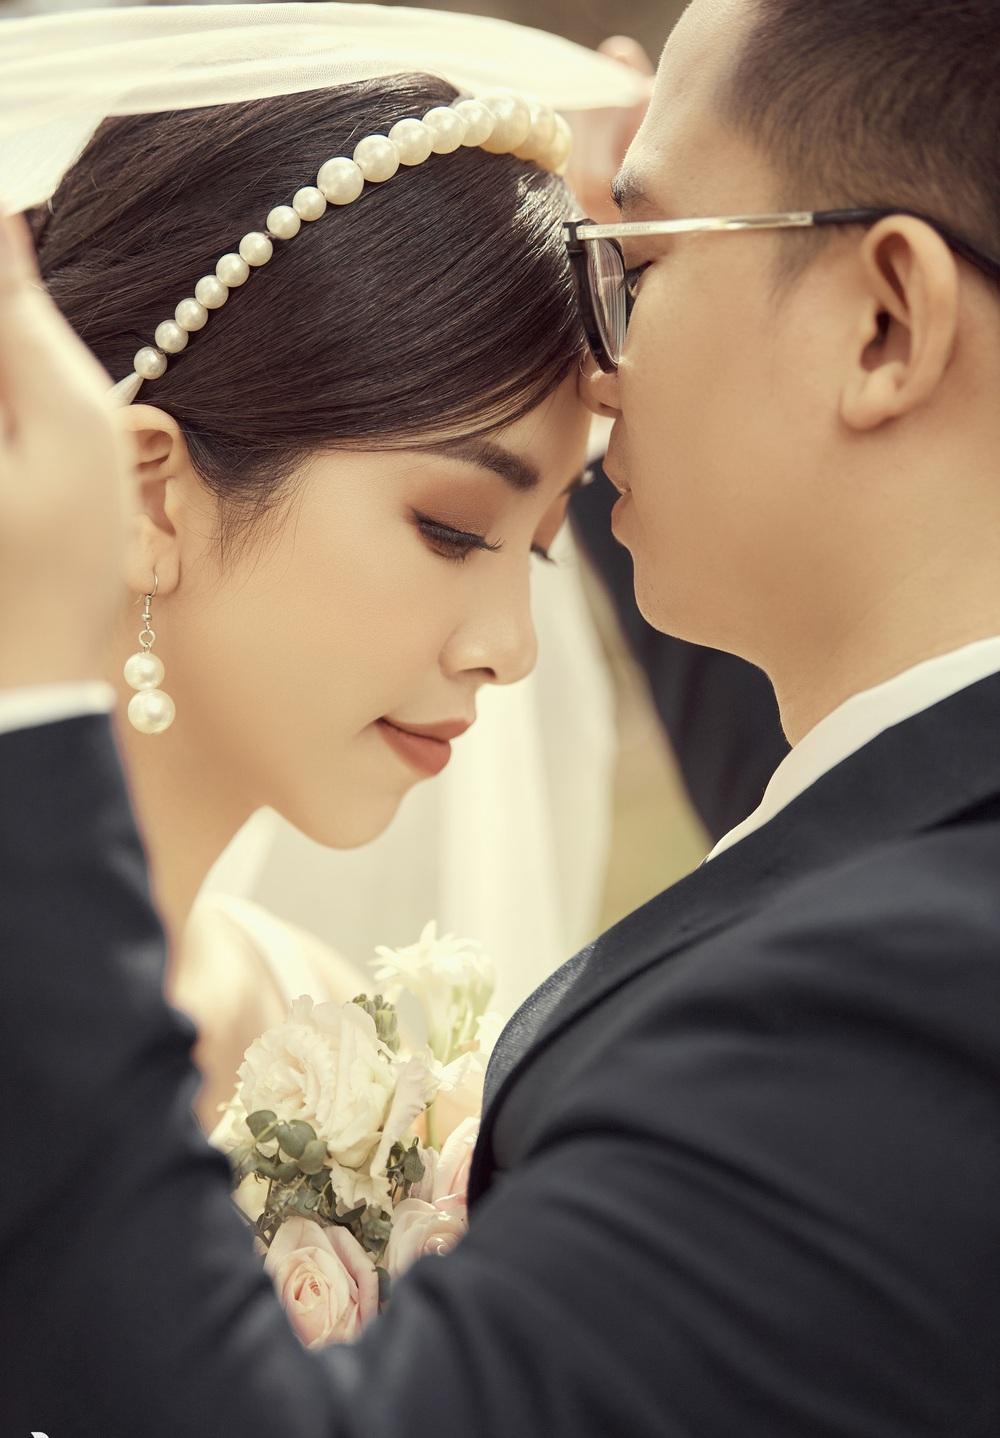 Ảnh cưới tại Đà Lạt ngọt hơn mật của Á hậu Thúy An - Ảnh 8.